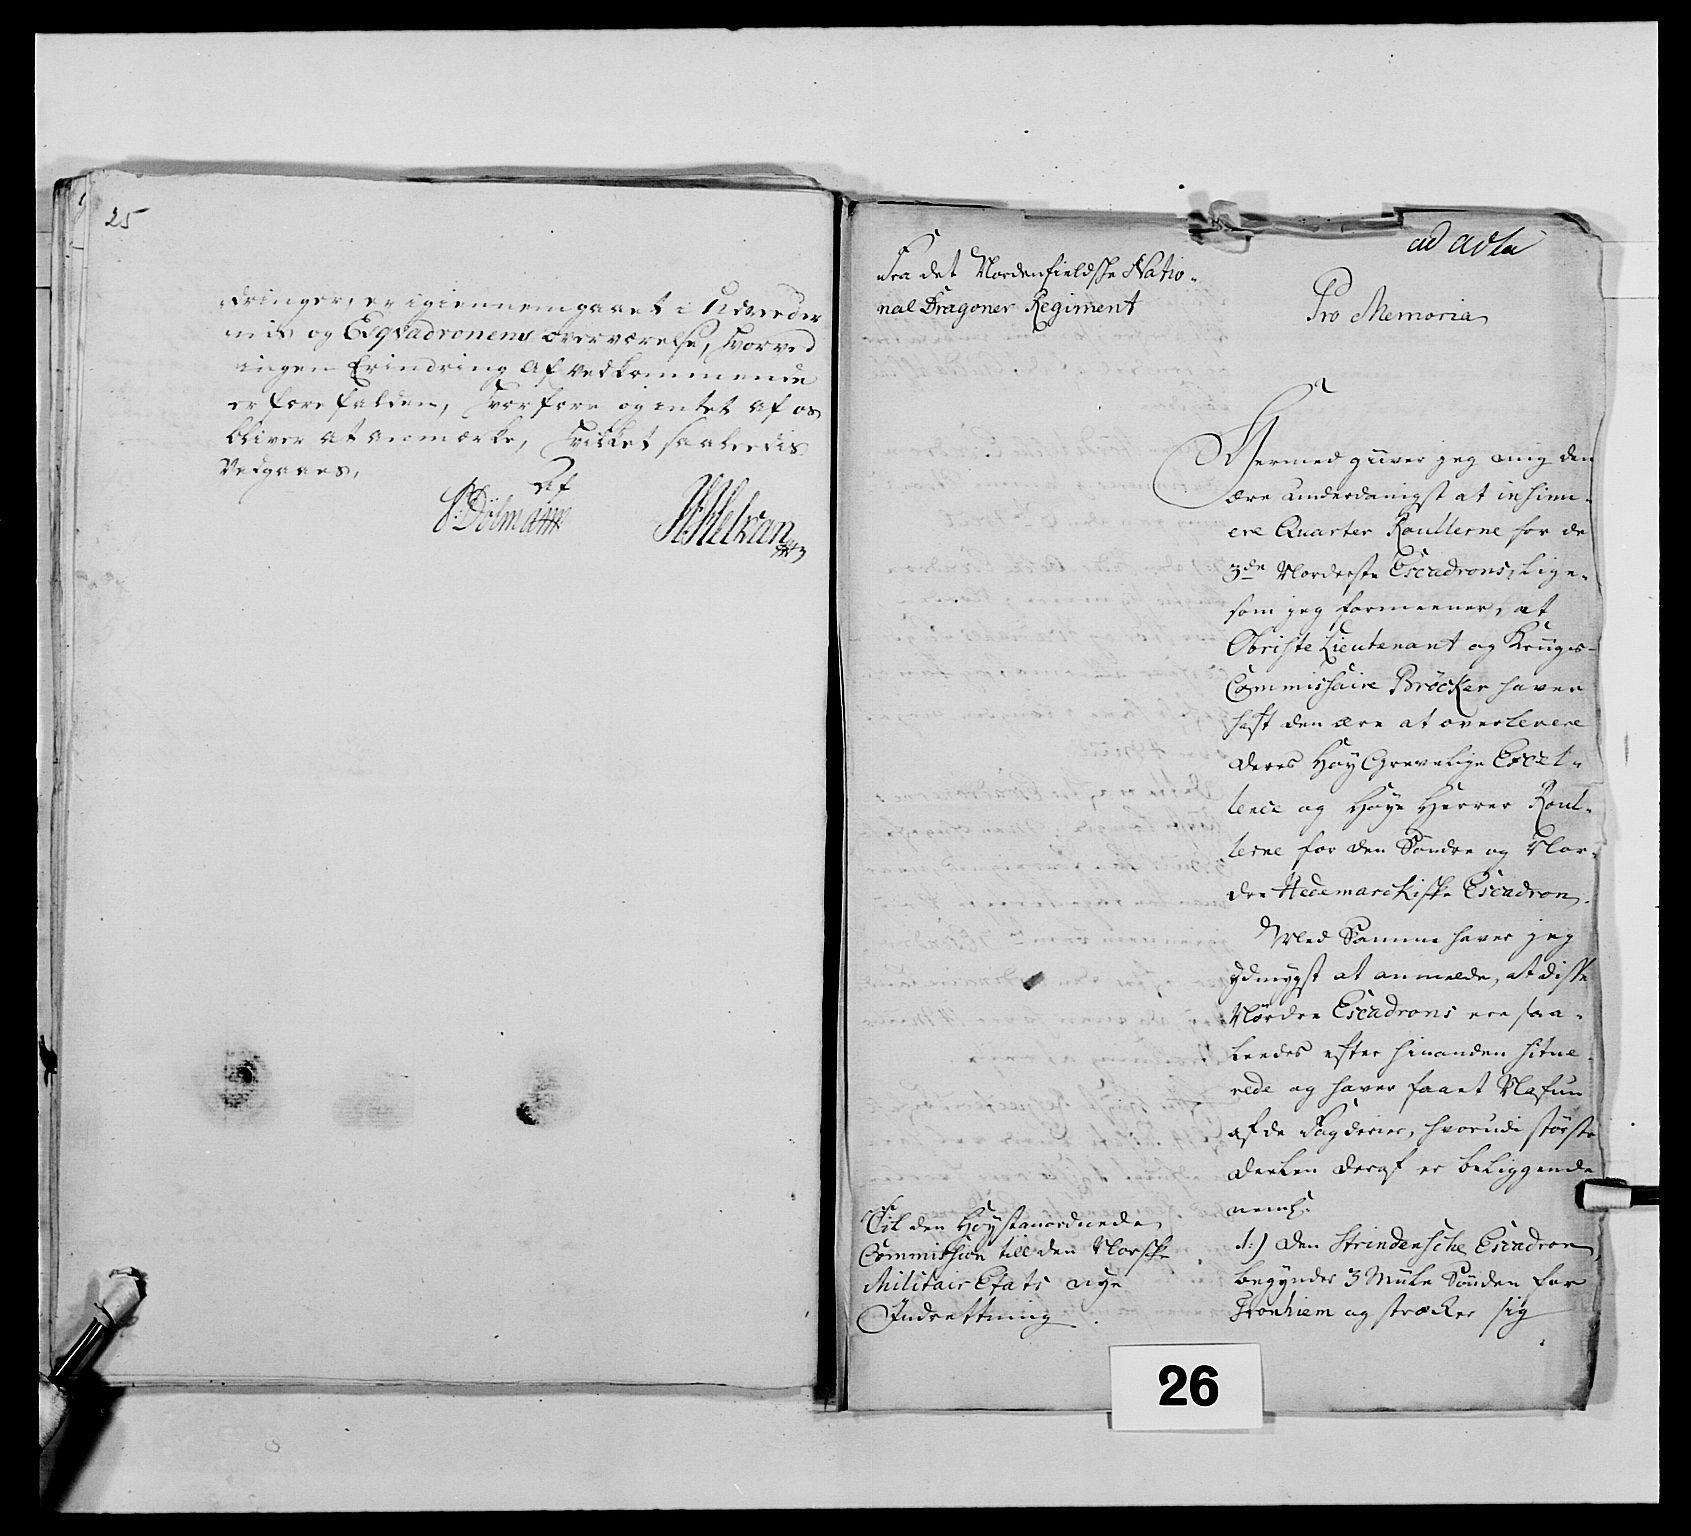 RA, Kommanderende general (KG I) med Det norske krigsdirektorium, E/Ea/L0483: Nordafjelske dragonregiment, 1765-1767, s. 637